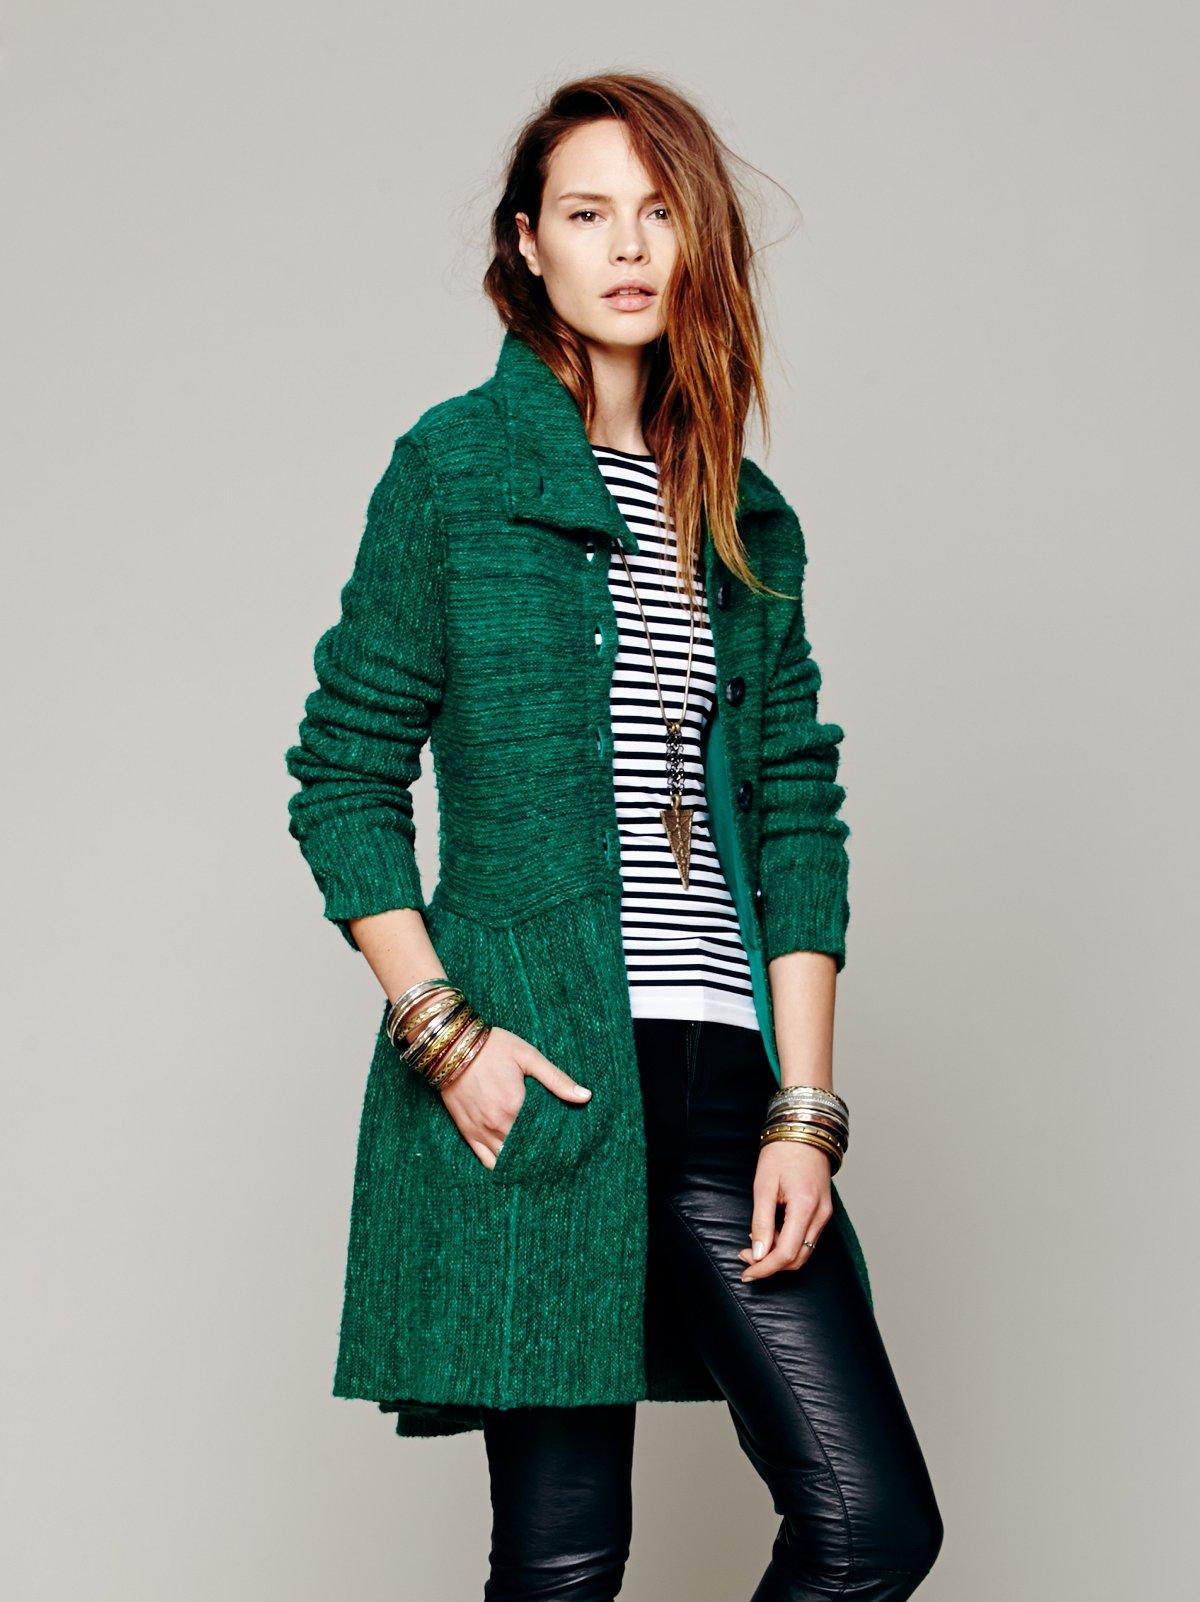 Loch Raven Sweater Jacket